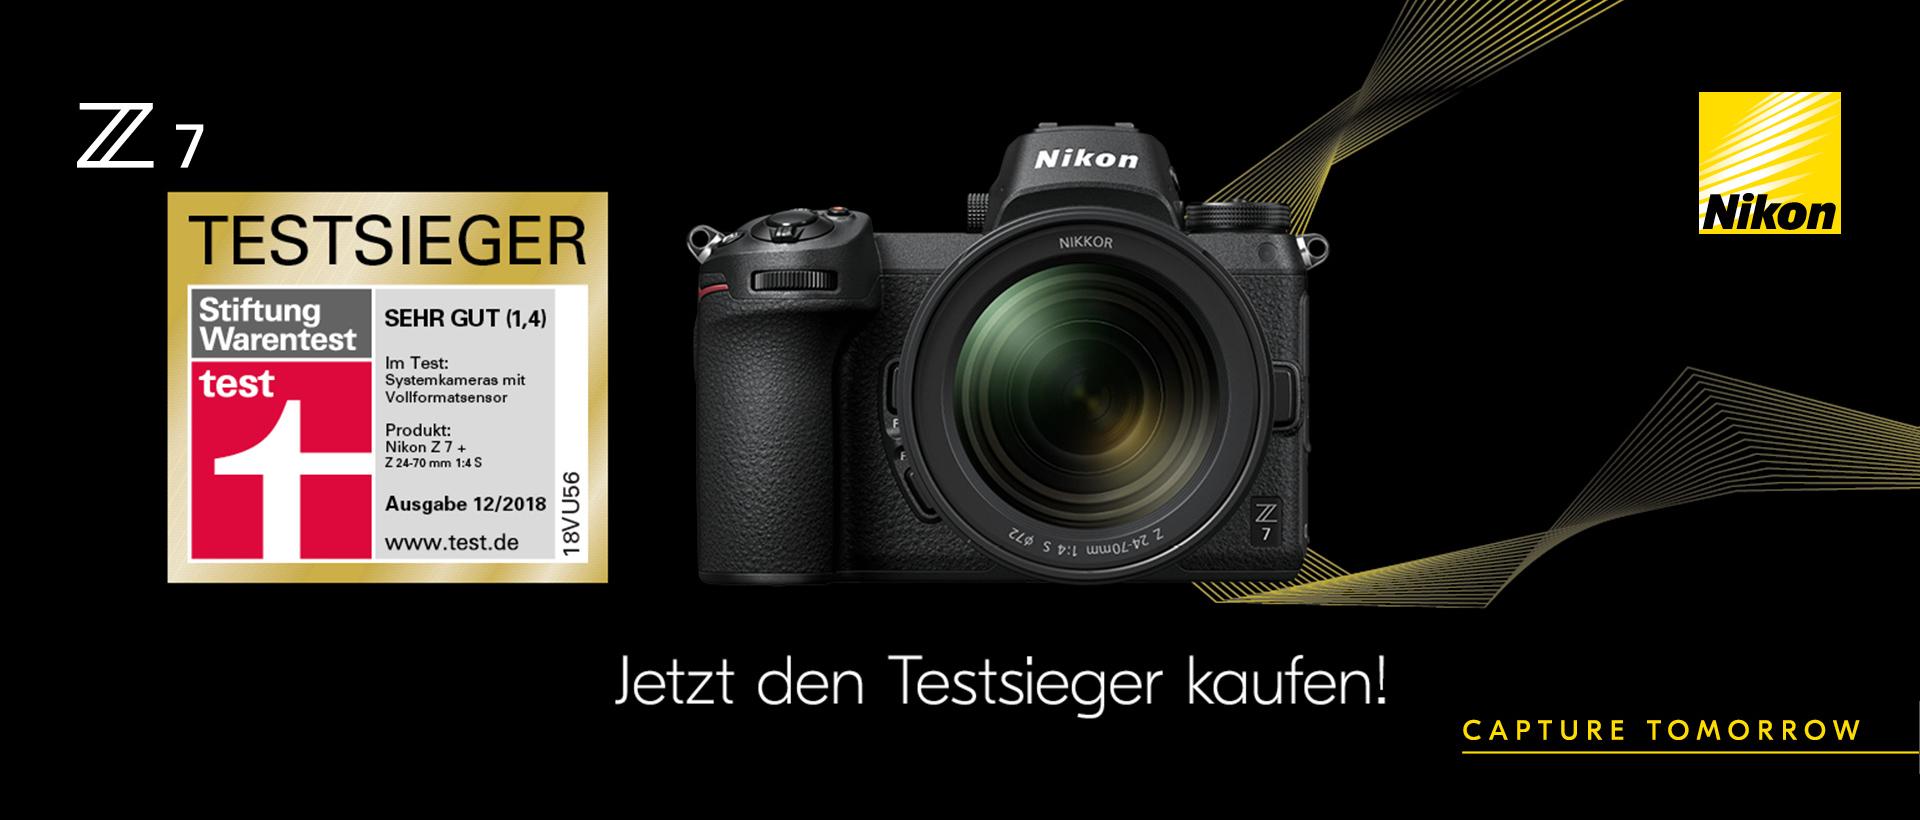 Nikon Z7 Testsieger